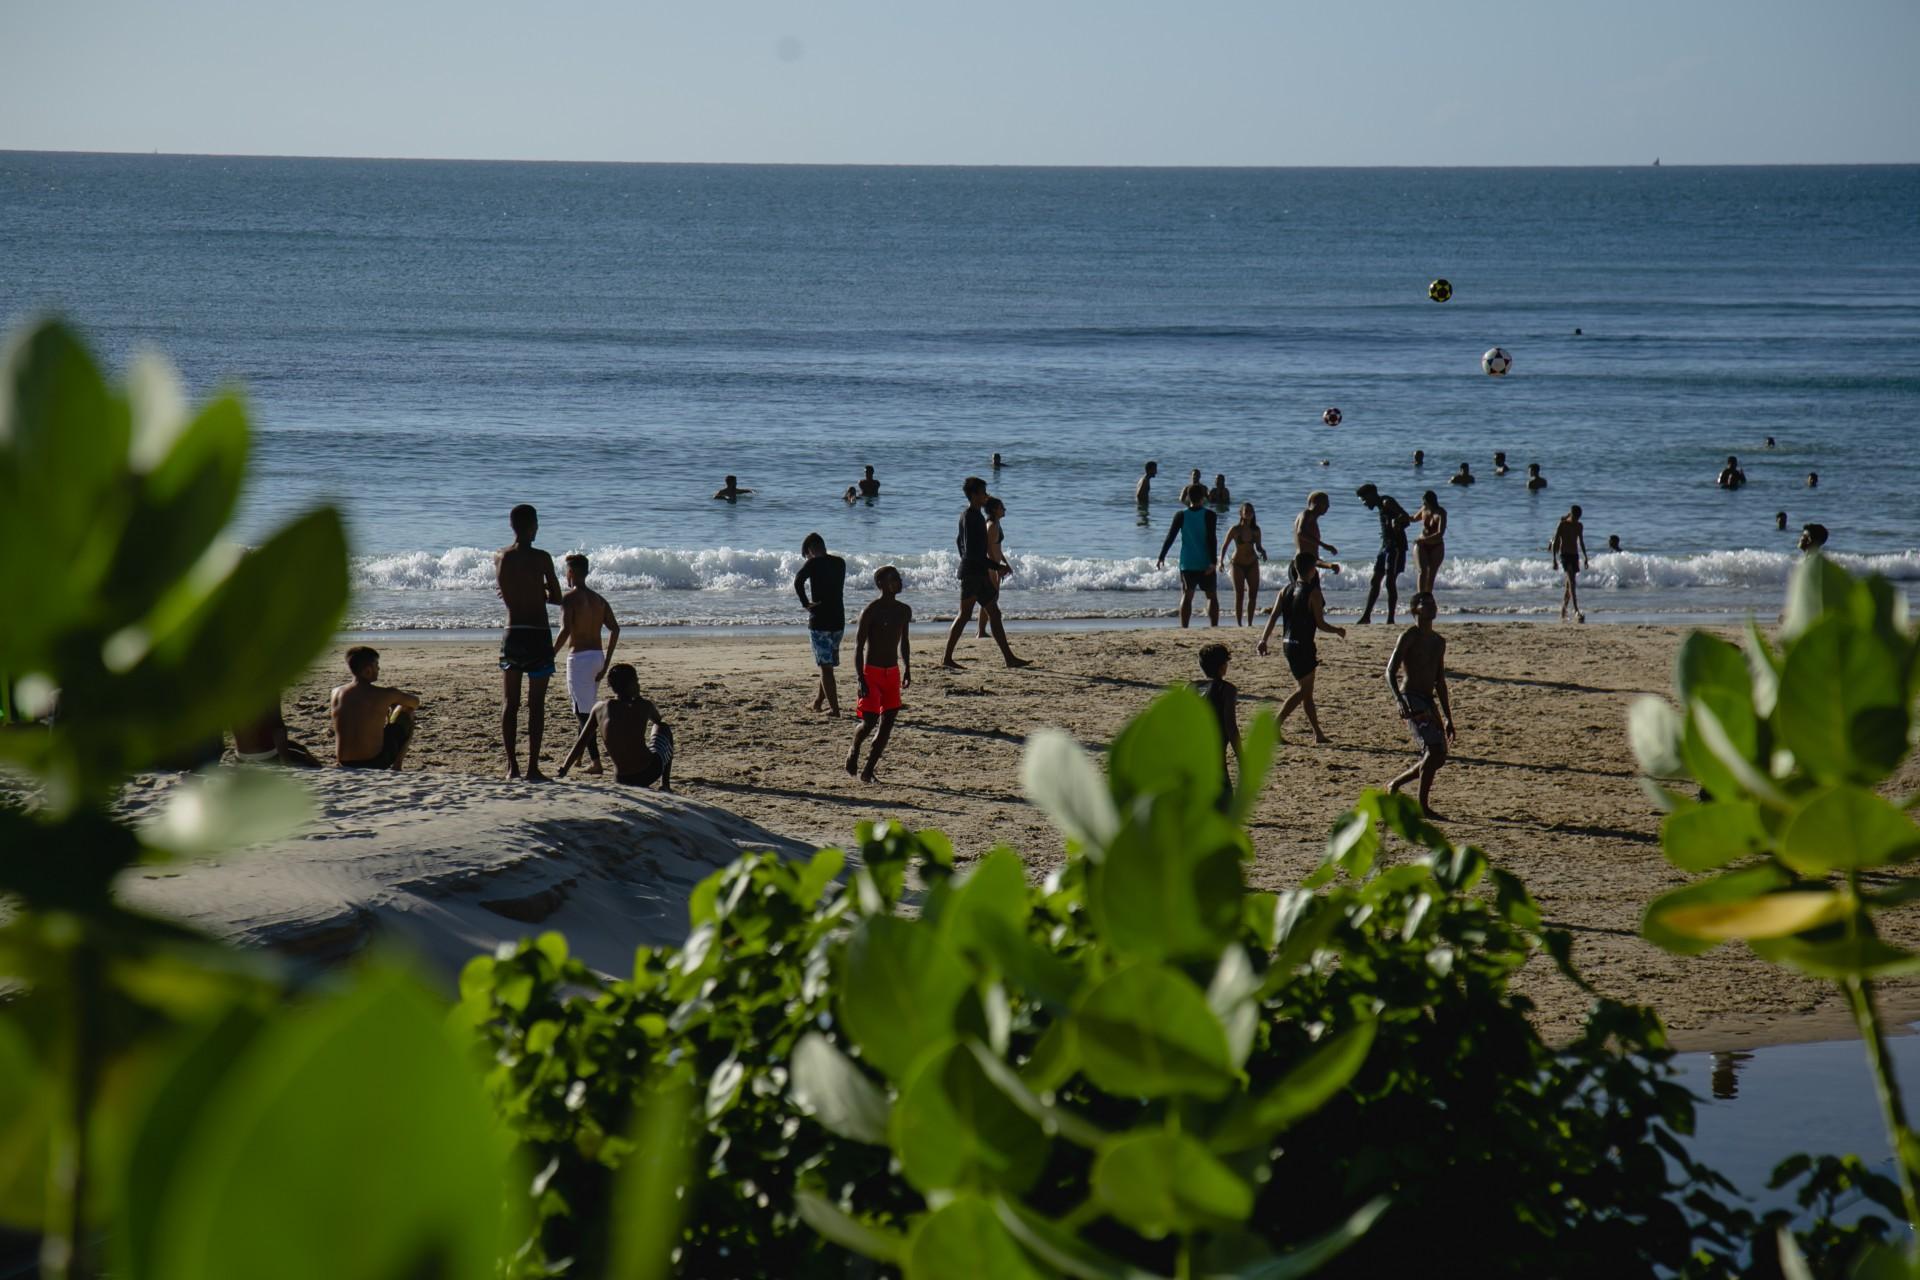 FORTALEZA, CE, BRASIL, 21.05.2021: Movimentação na Praia de Iracema, pessoas na faixa de areia jogando altinha (bola) e no mar. em epoca de COVID-19. (Foto: Aurelio Alves/ Jornal O POVO)